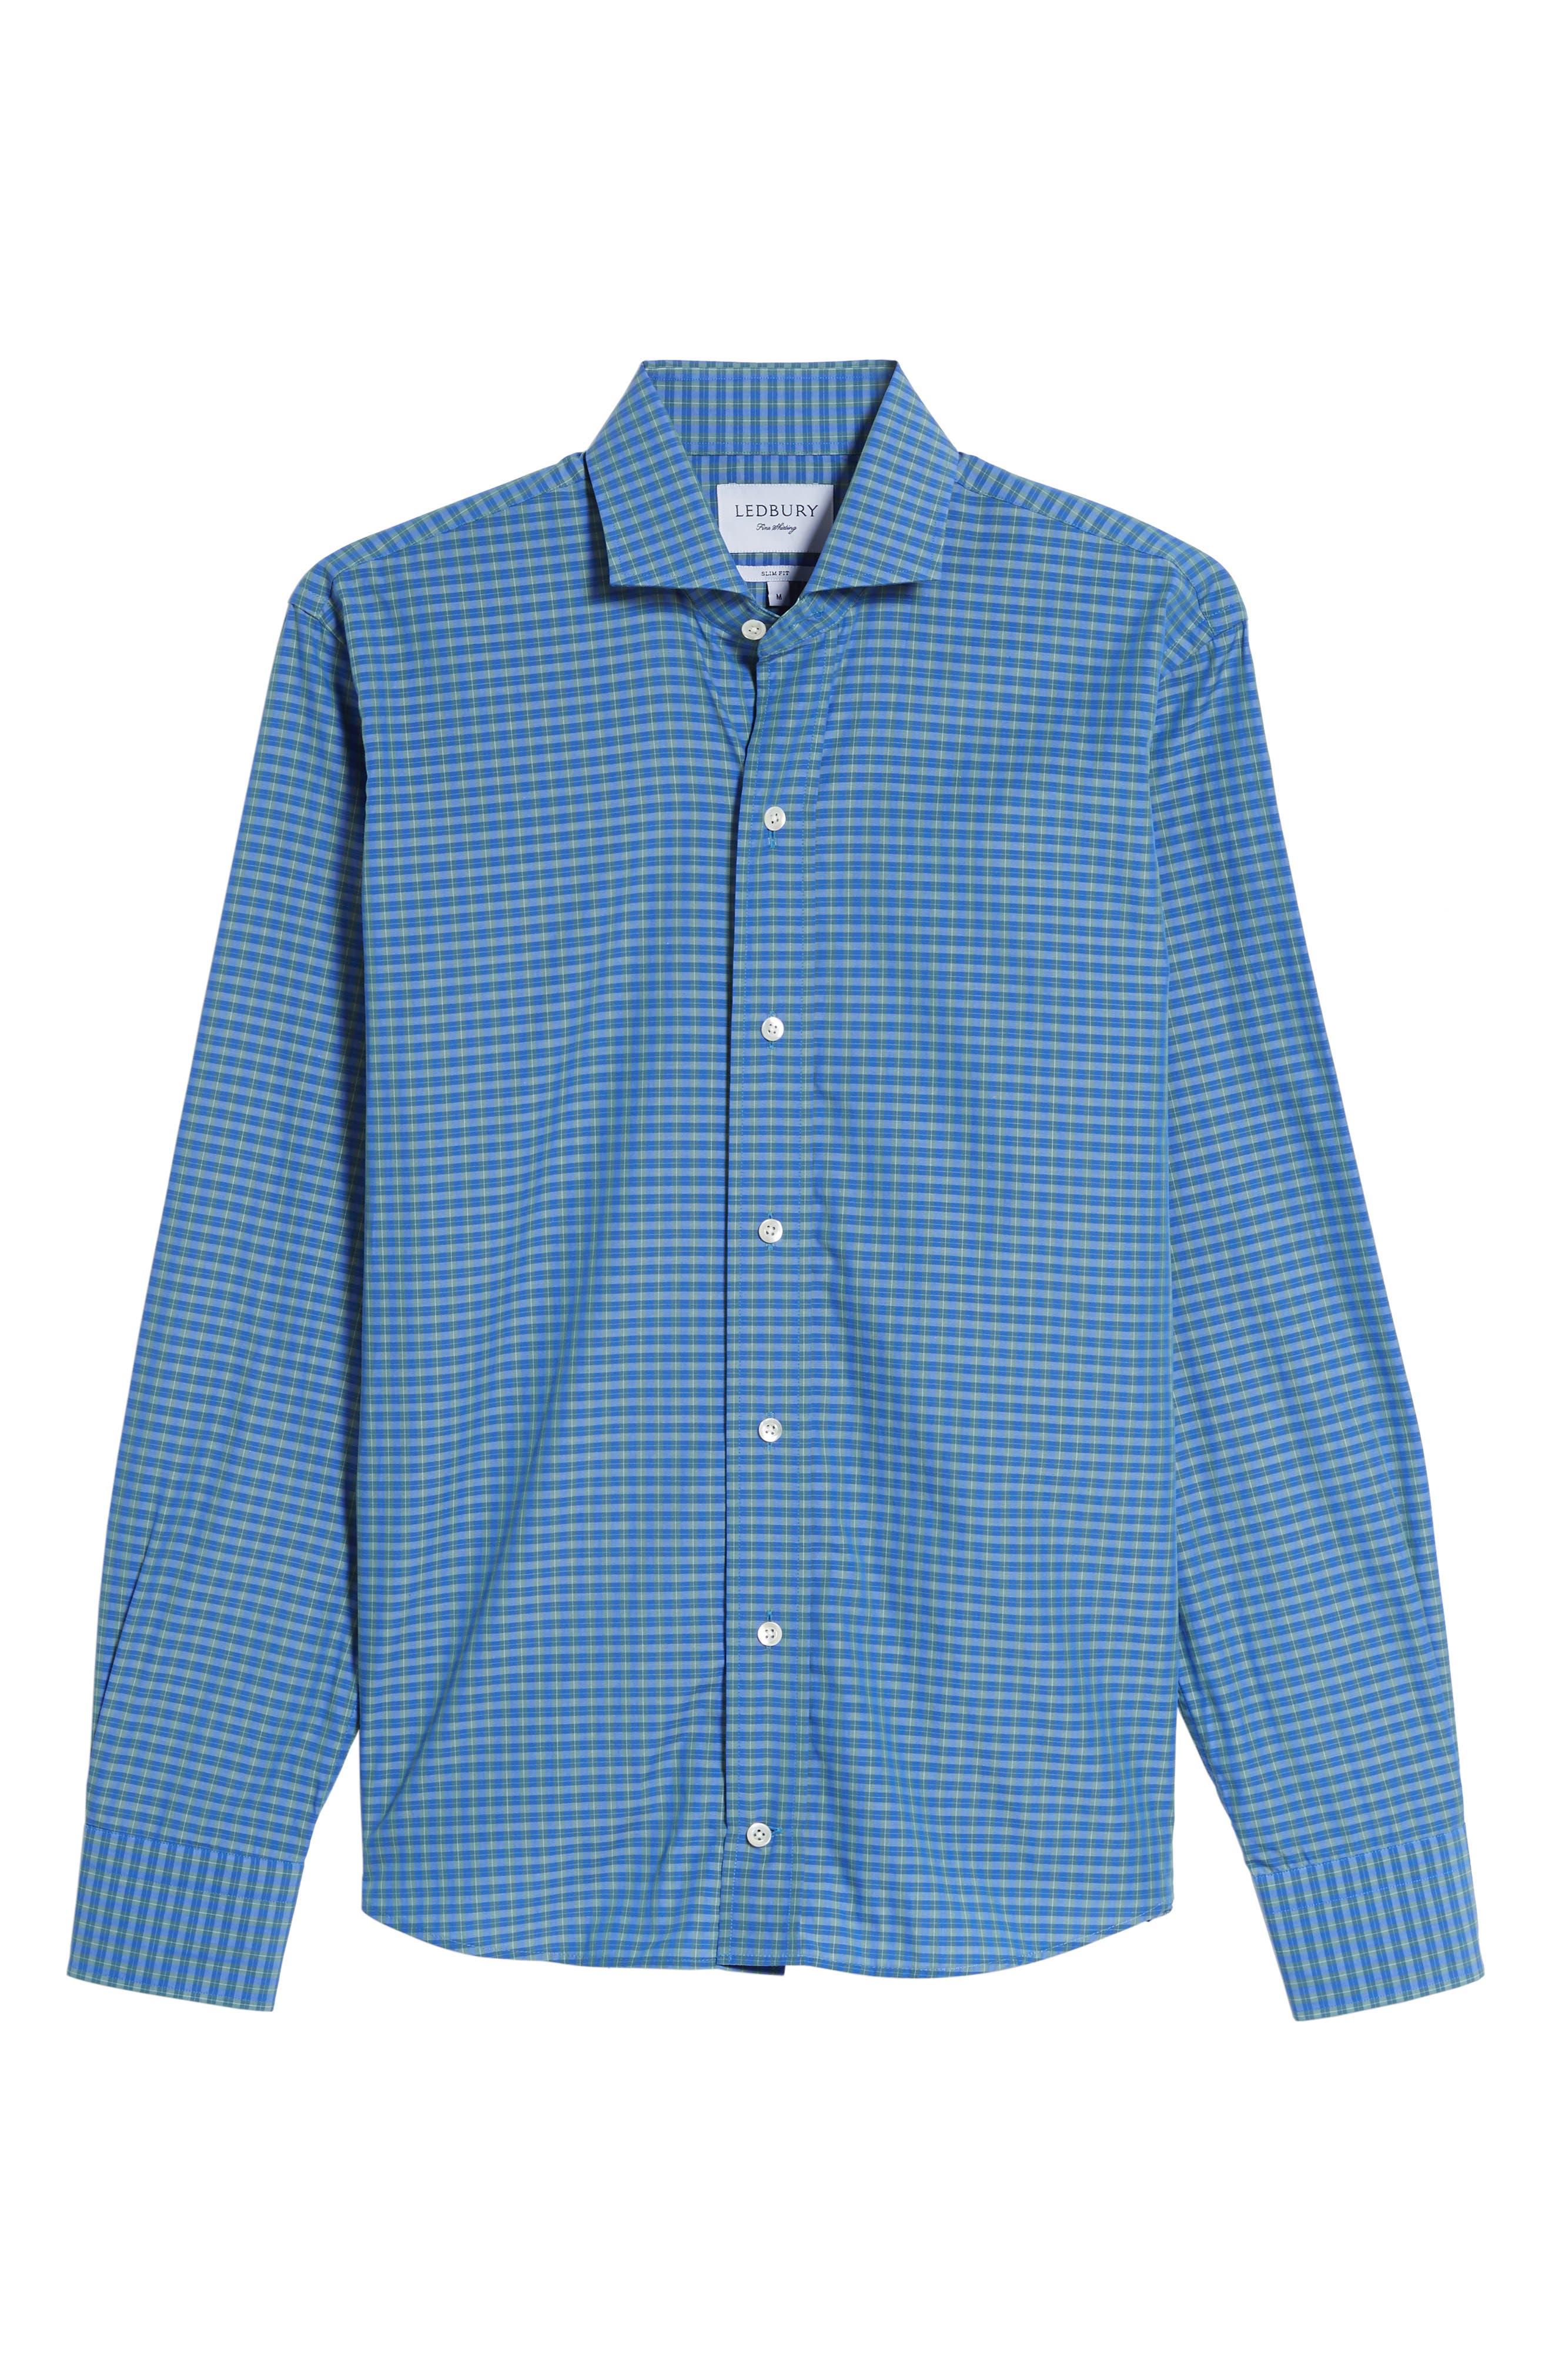 Alden Slim Fit Plaid Sport Shirt,                             Alternate thumbnail 6, color,                             306